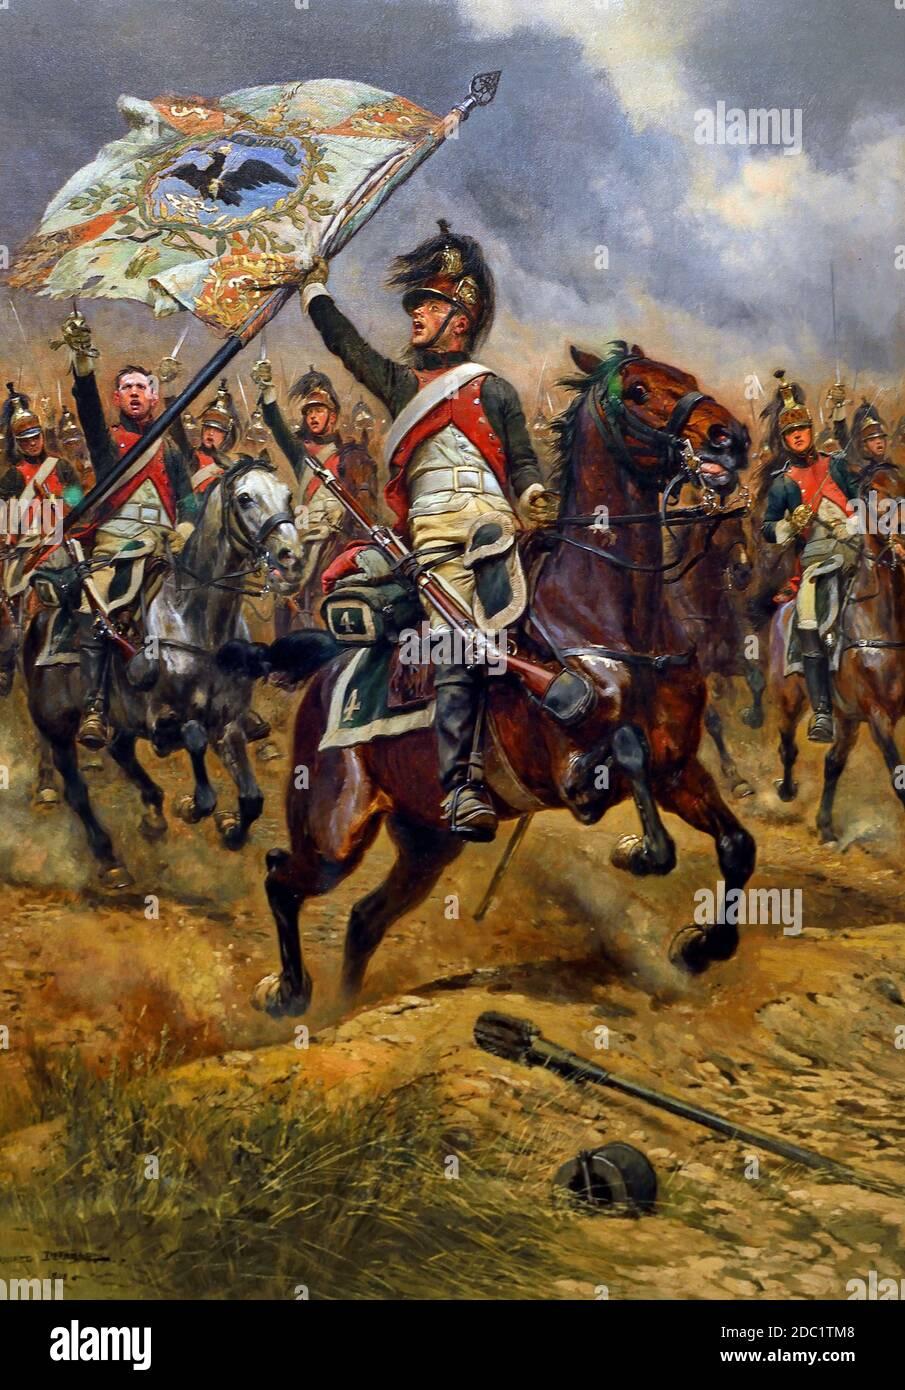 La Bandera capturada 1898 Jean-Baptiste Édouard Detaille, 1848 – 1912, Francia, francés. ( Dragoon francés con bandera prusiana capturada en la batalla de Jena-Auerstedt, 1806 ) ( ejército del emperador Napoleón Bonaparte ) Foto de stock